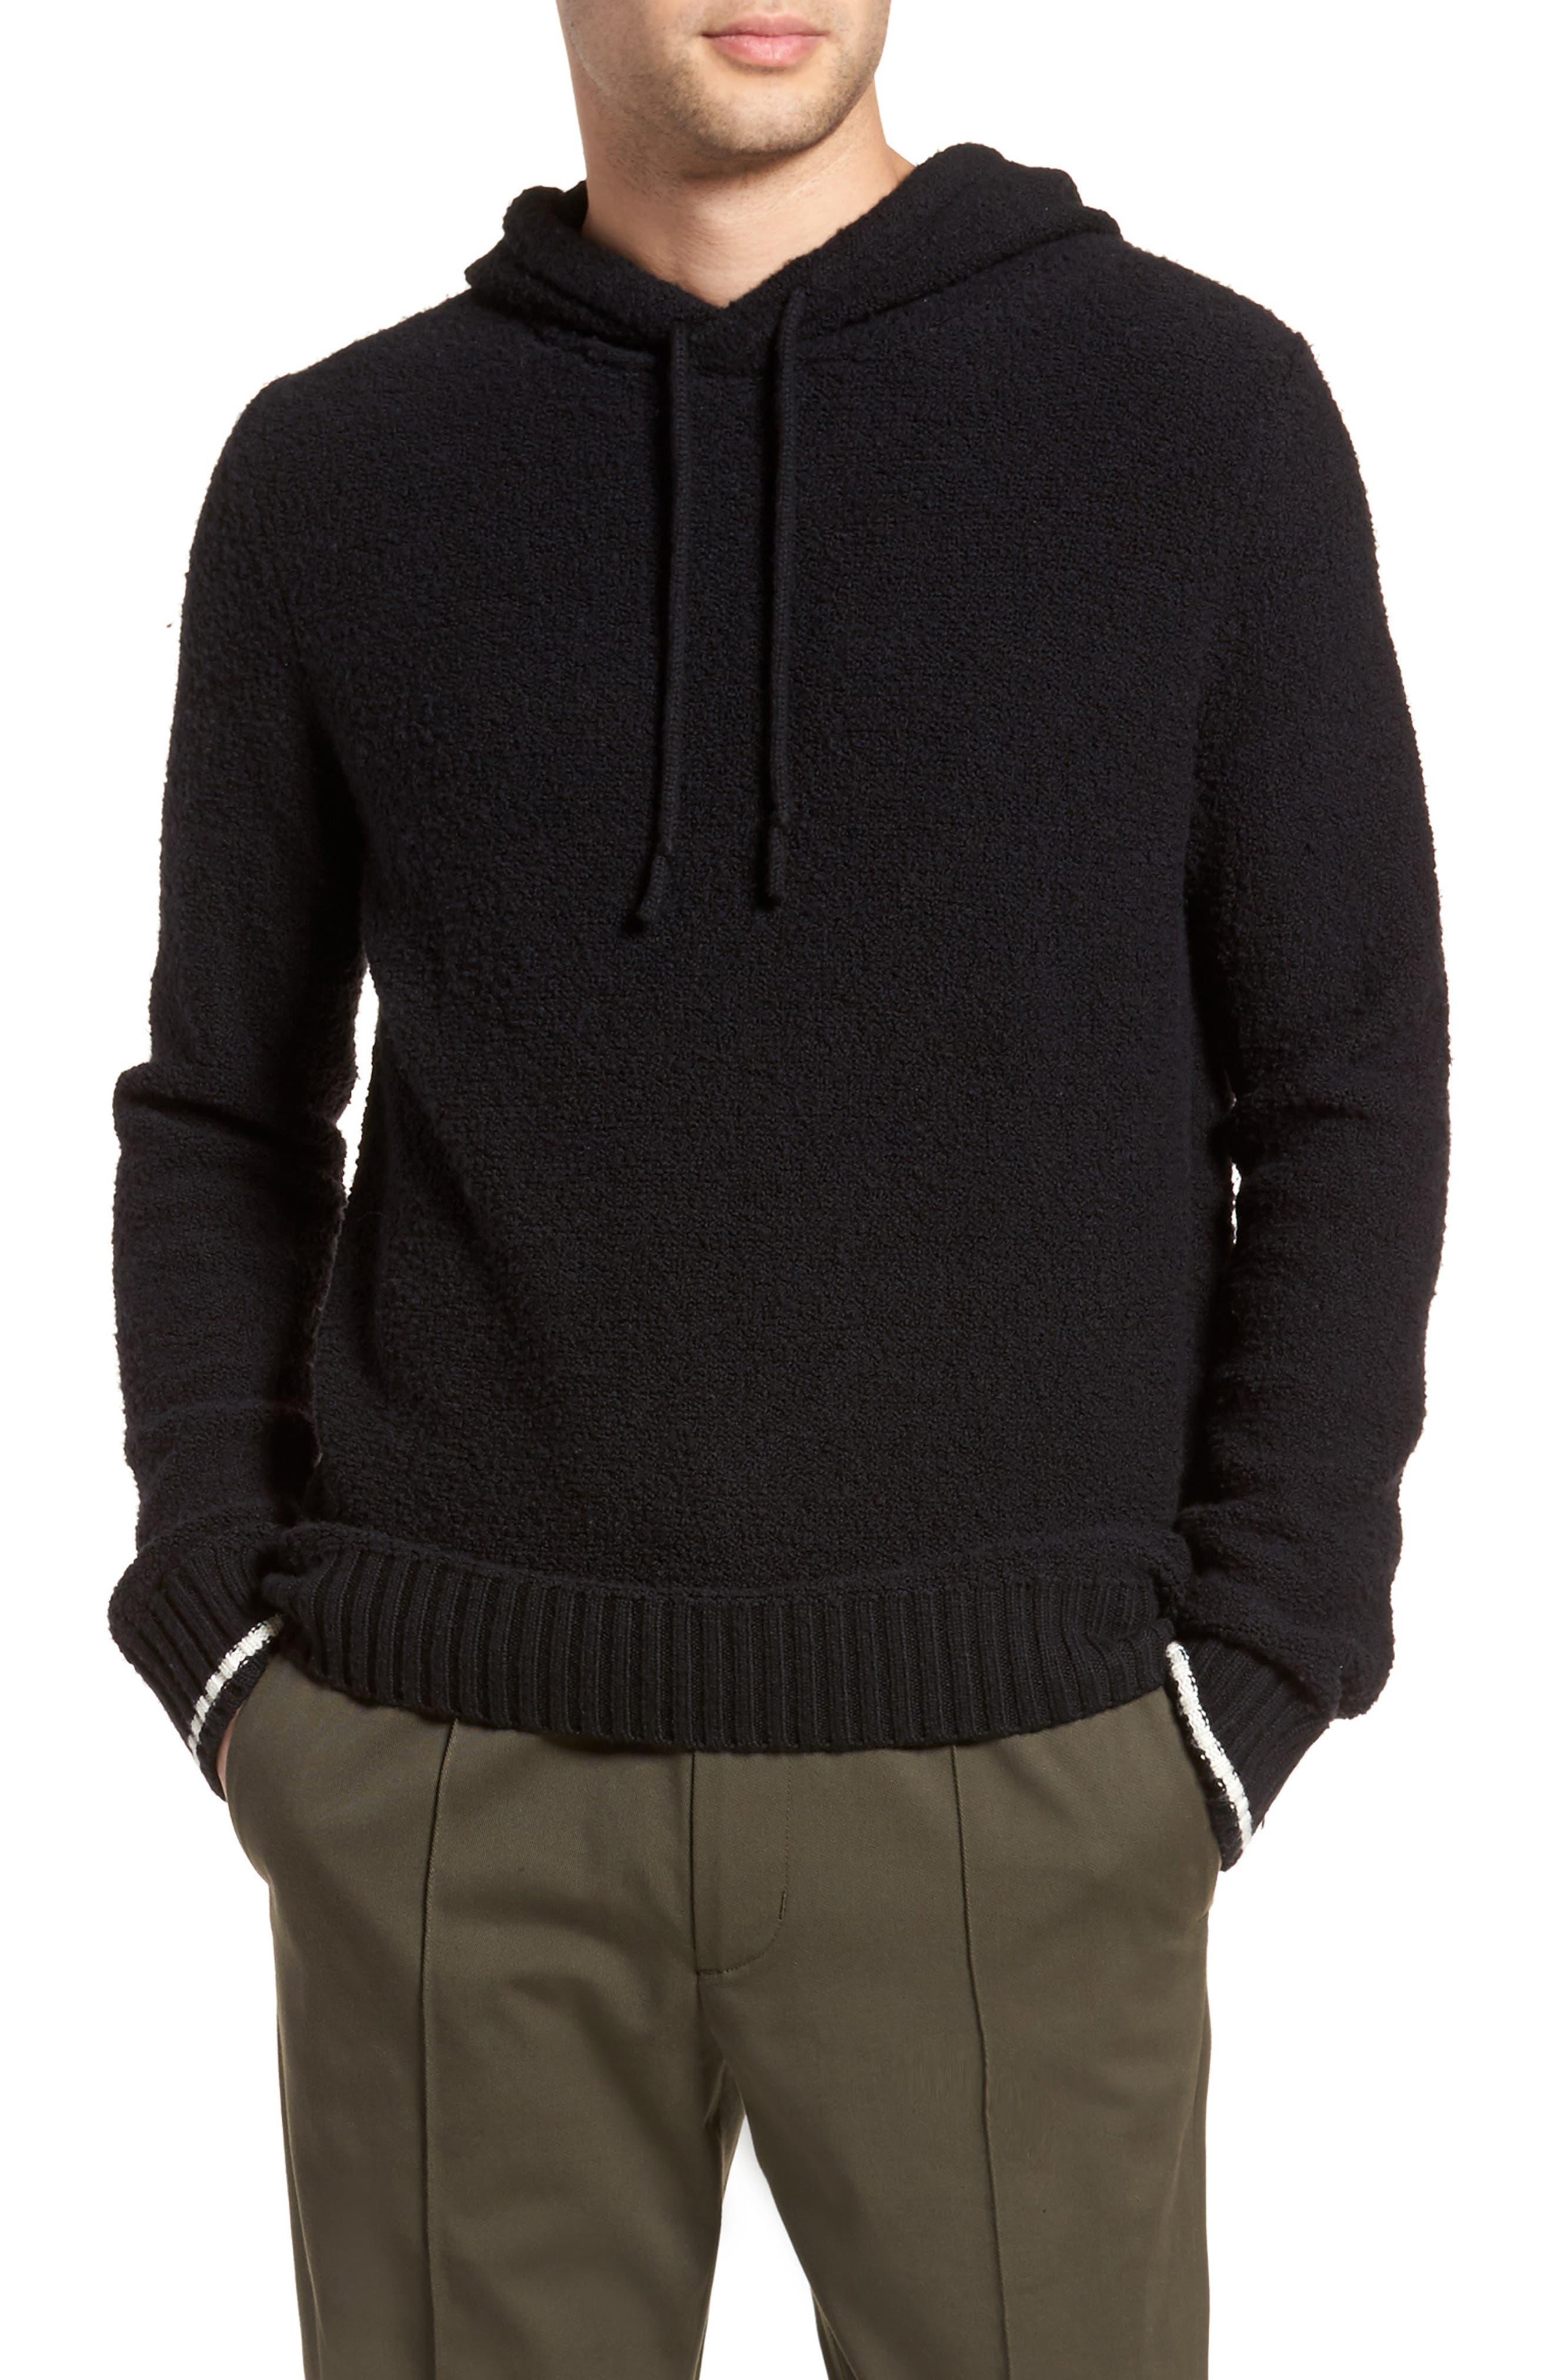 Alternate Image 1 Selected - Vince Wool Fleece Pullover Hoodie